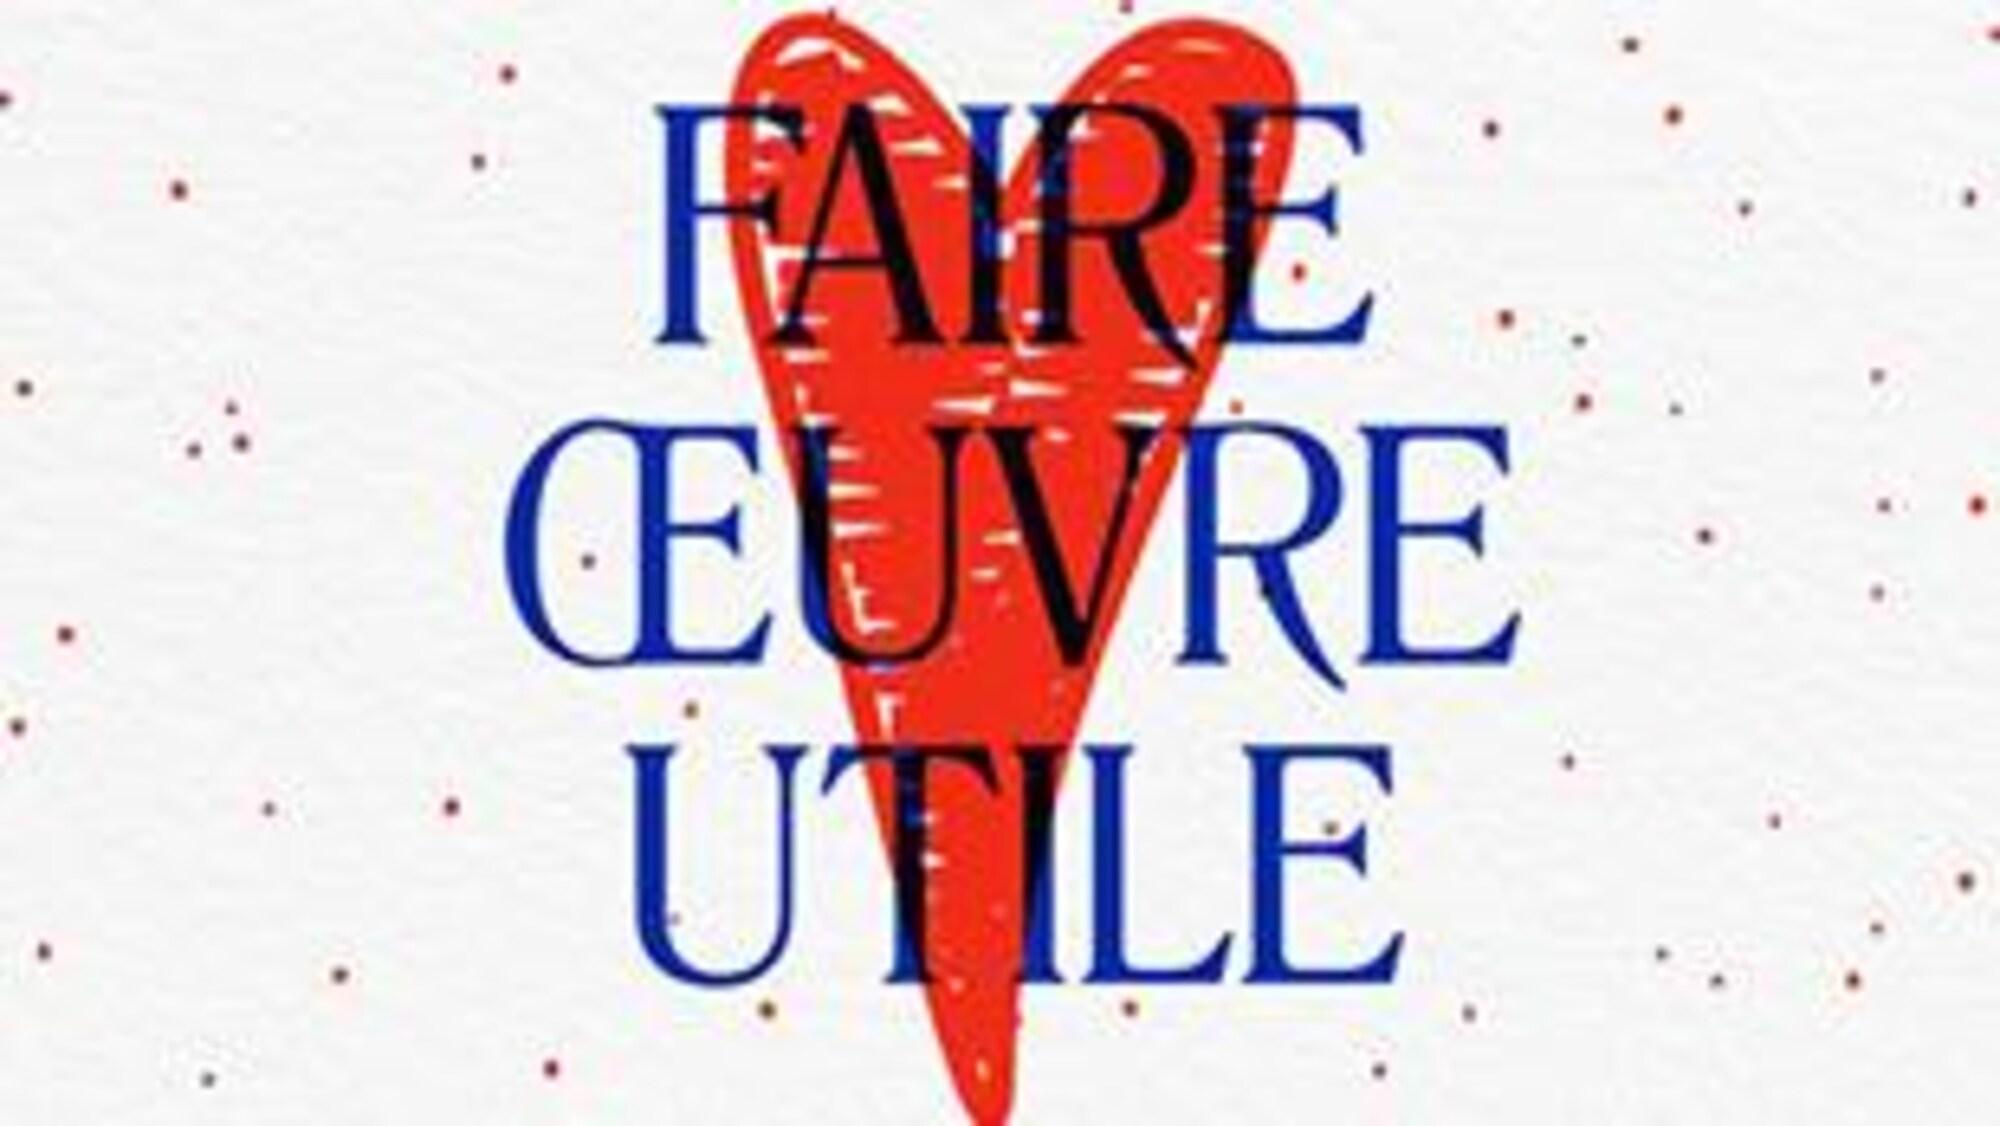 Sur un cœur dessiné en rouge, il est écrit le titre de l'émission <i>Faire oeuvre utile</i> en bleu.